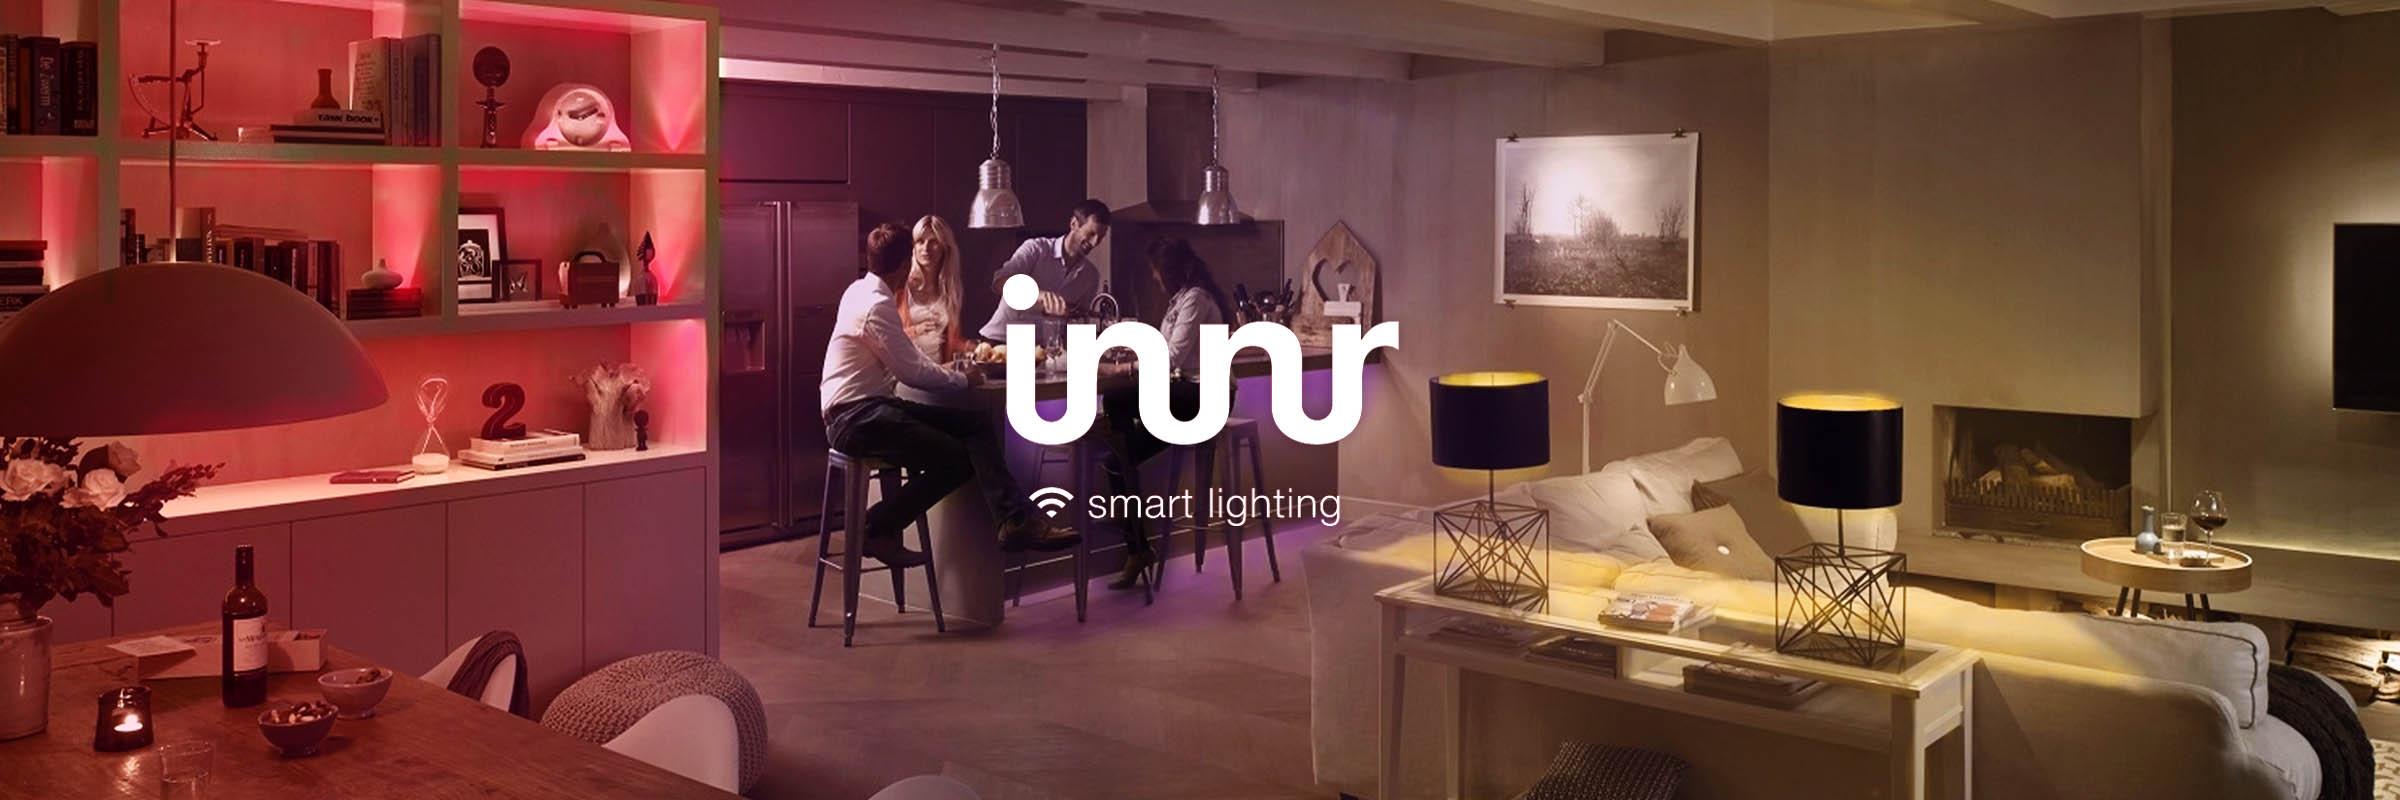 LED Smart Lightng Innr